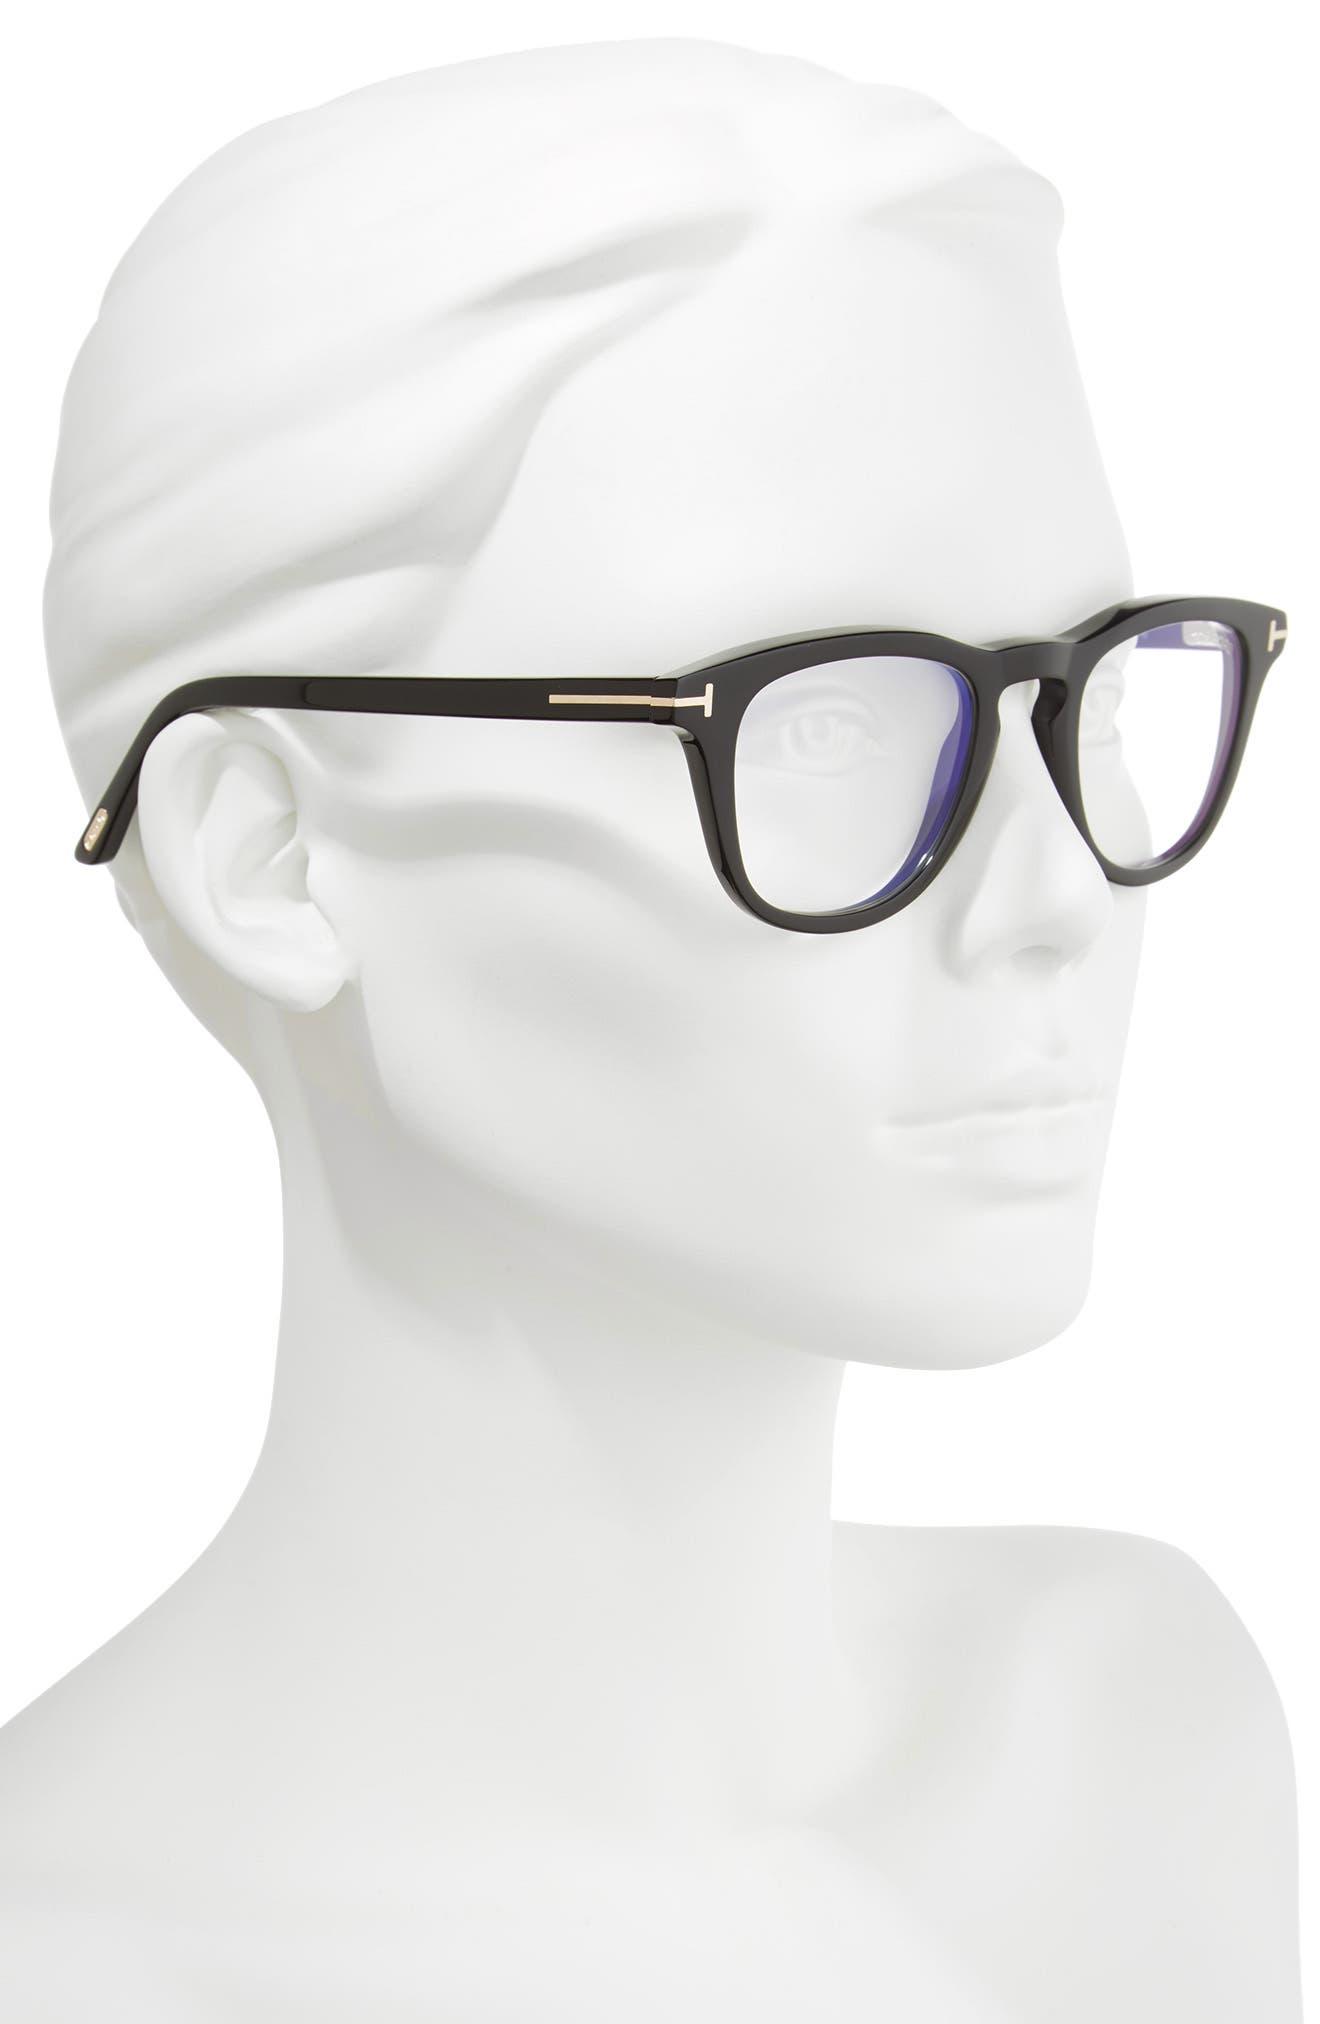 49mm Blue Block Optical Glasses,                             Alternate thumbnail 2, color,                             SHINY BLACK/ BLUE